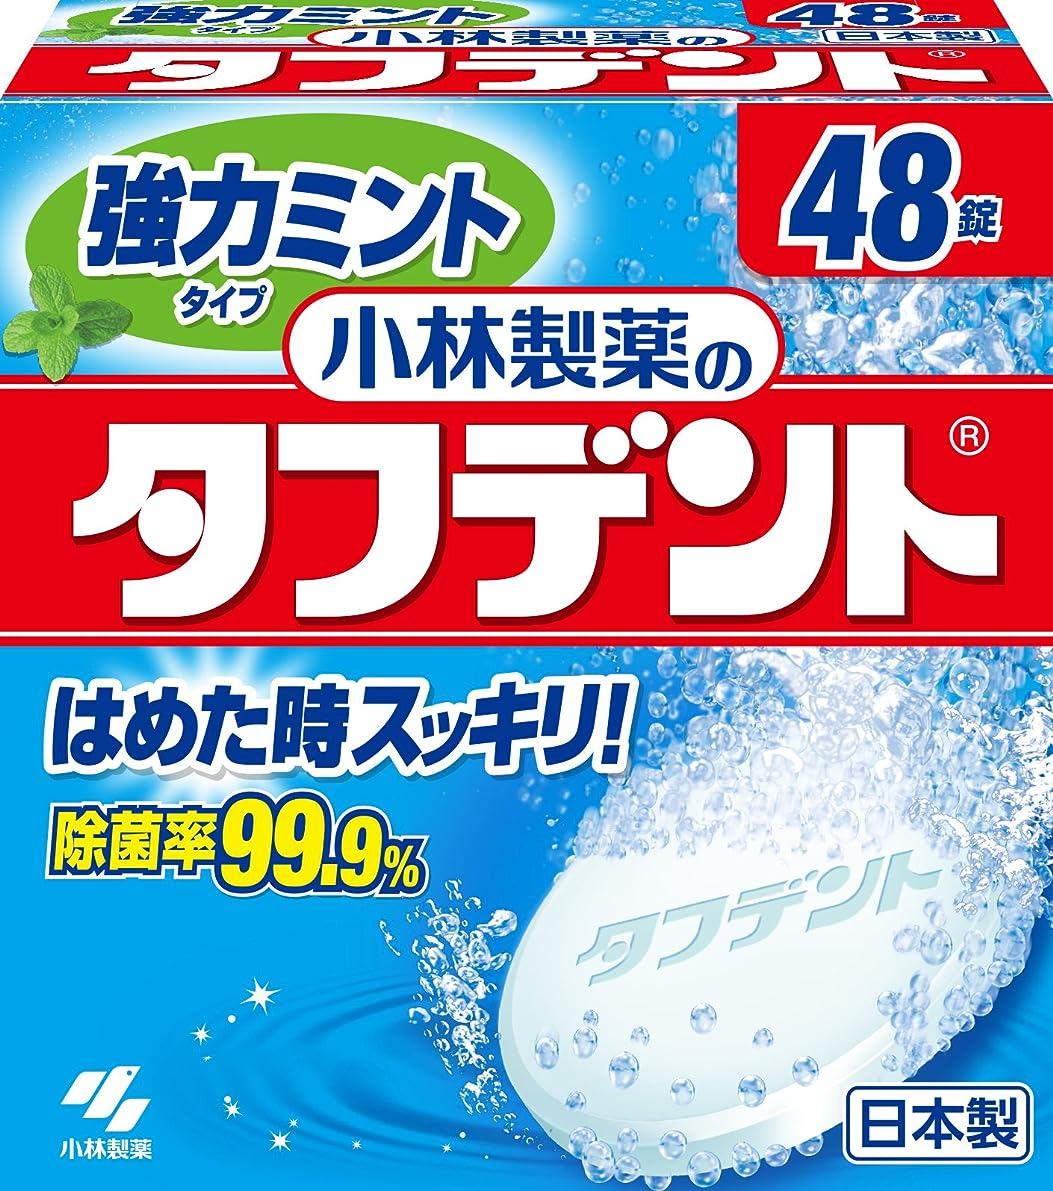 ボス援助する海藻小林製薬のタフデント強力ミントタイプ 入れ歯用洗浄剤 ミントの香り 48錠